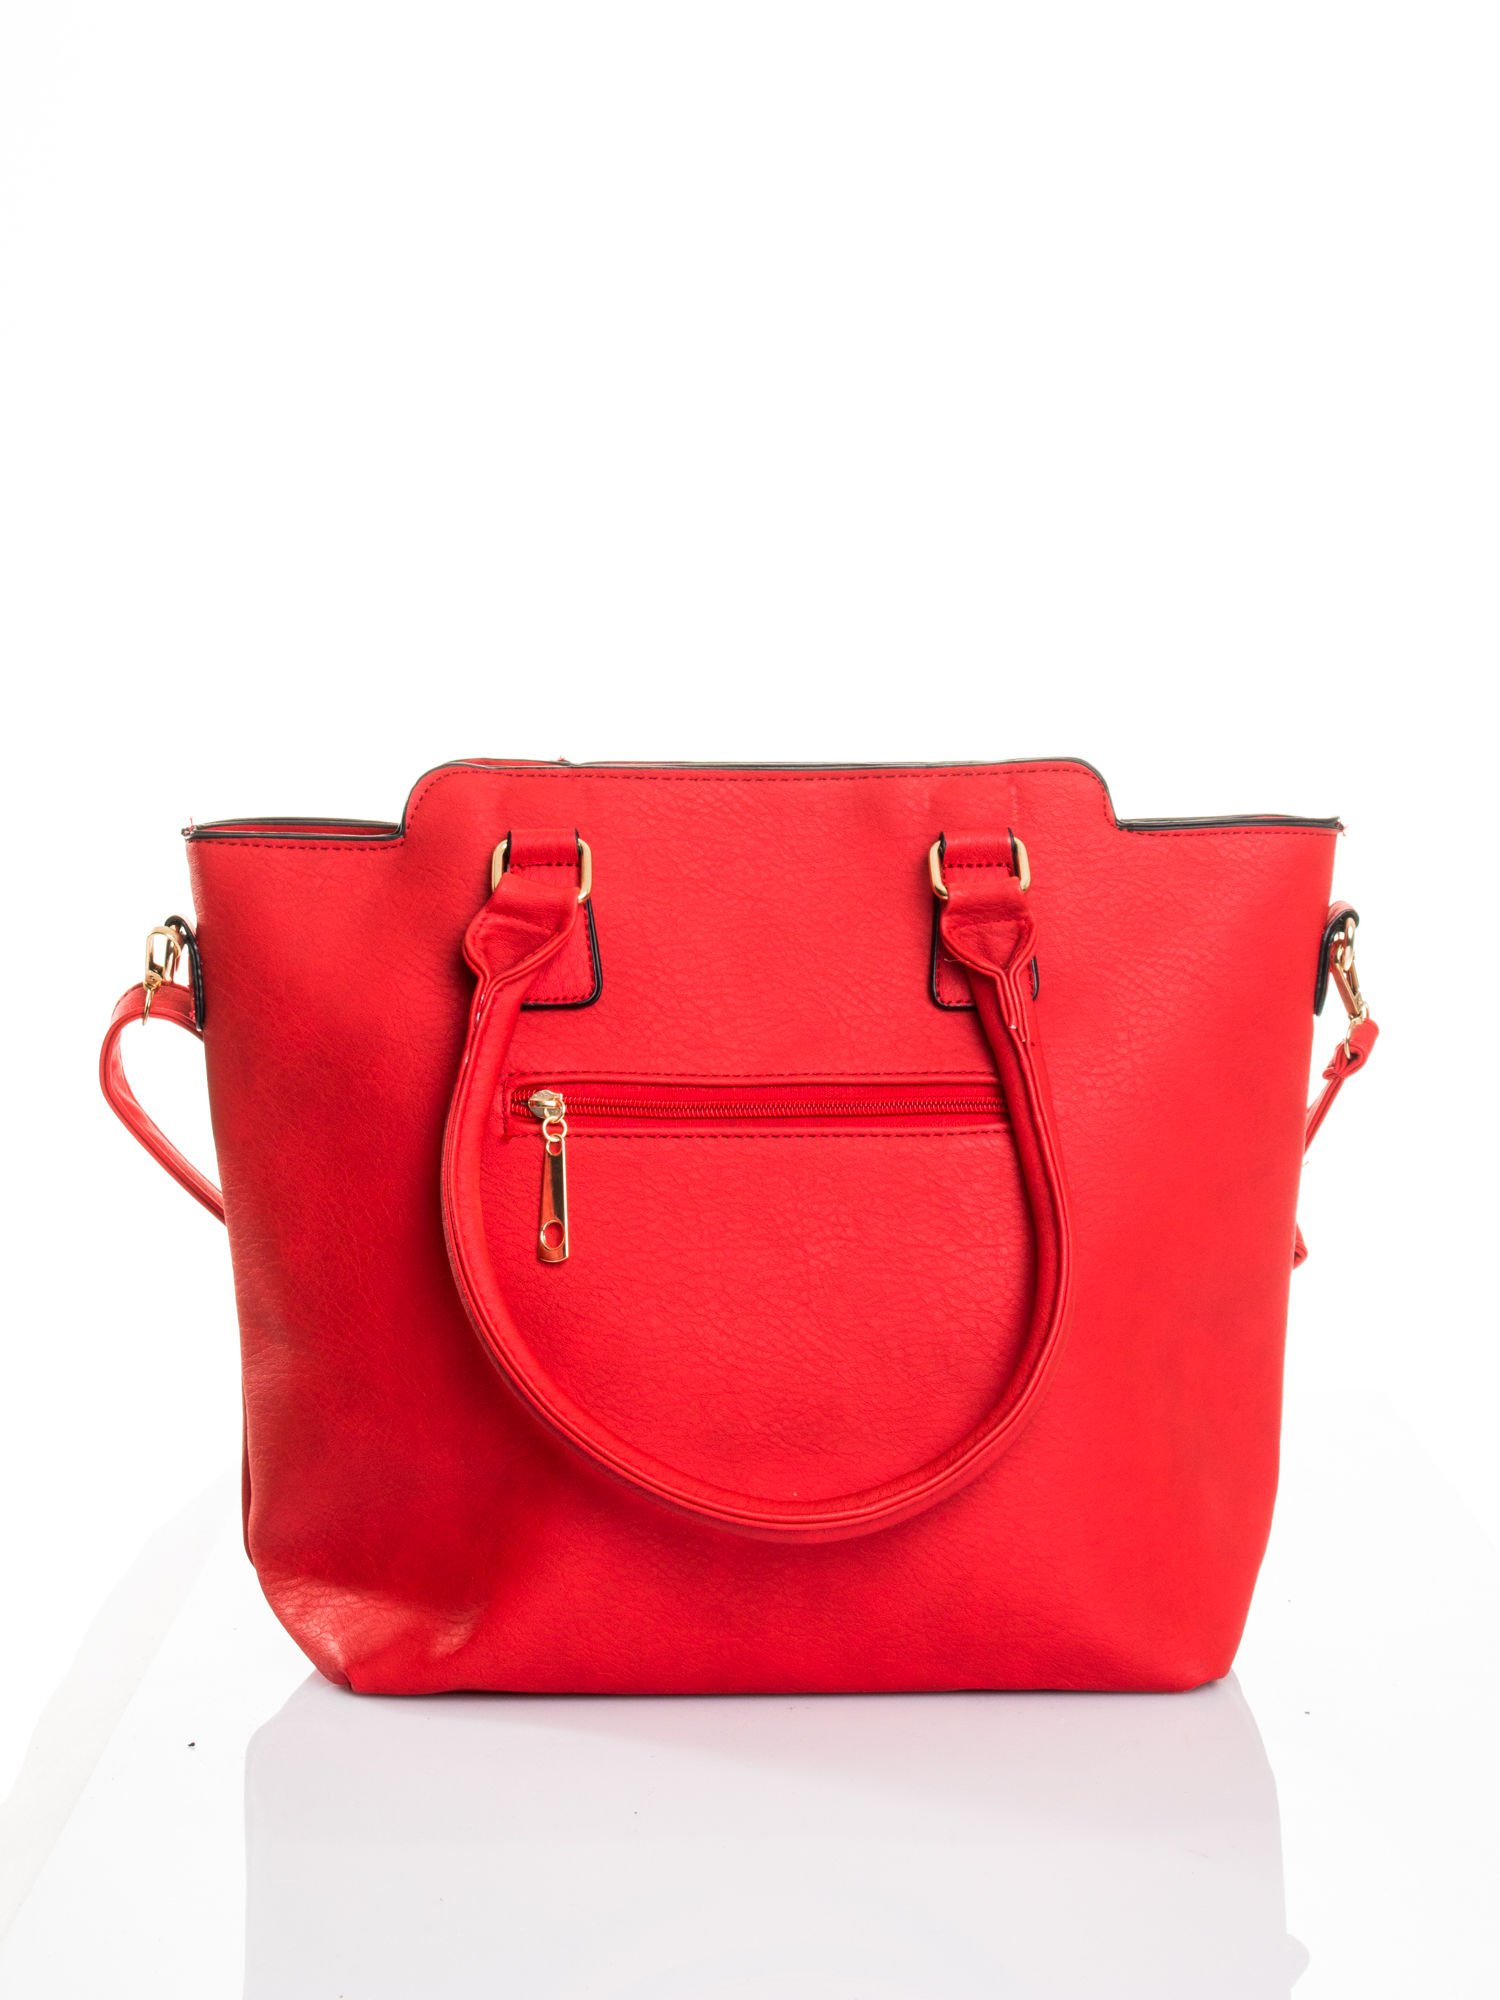 Czerwona torba ze złotymi wykończeniami                                  zdj.                                  2